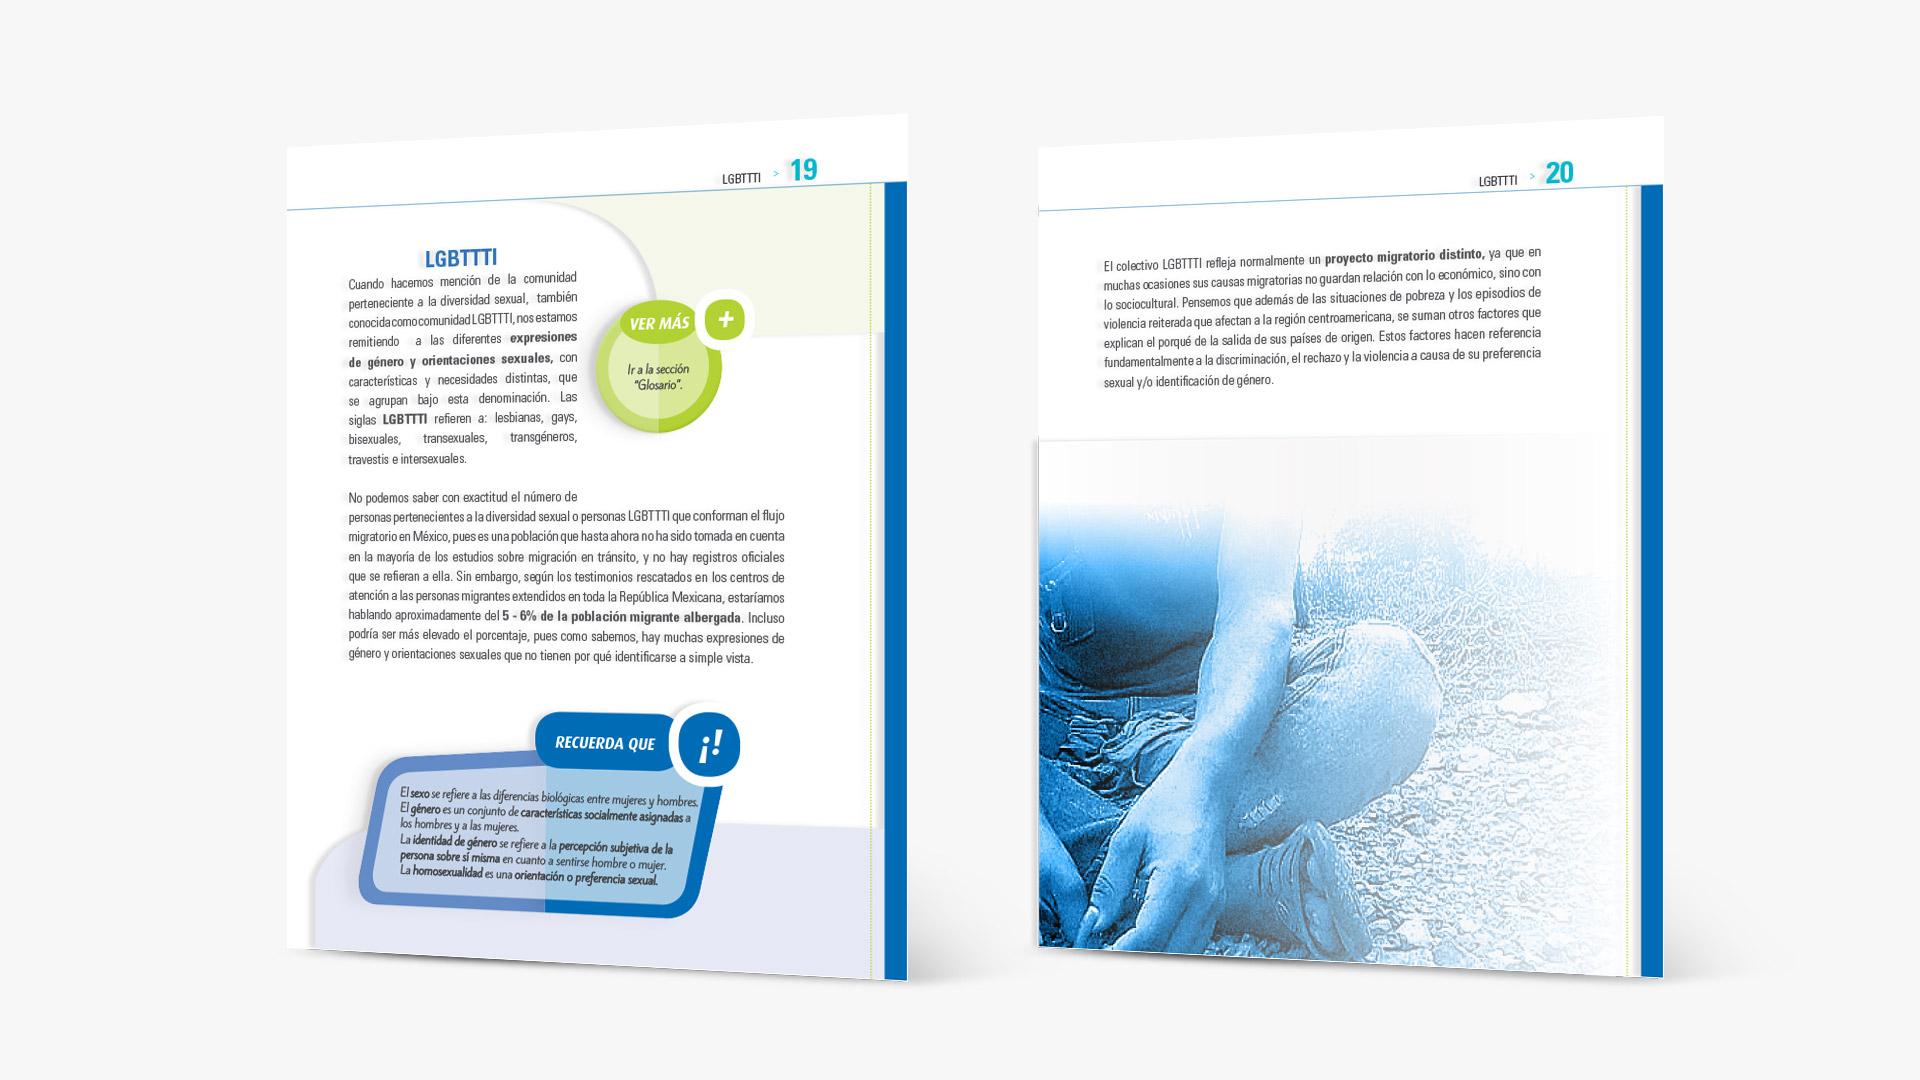 Dise o manual quinta imagen for Manual diseno de interiores pdf